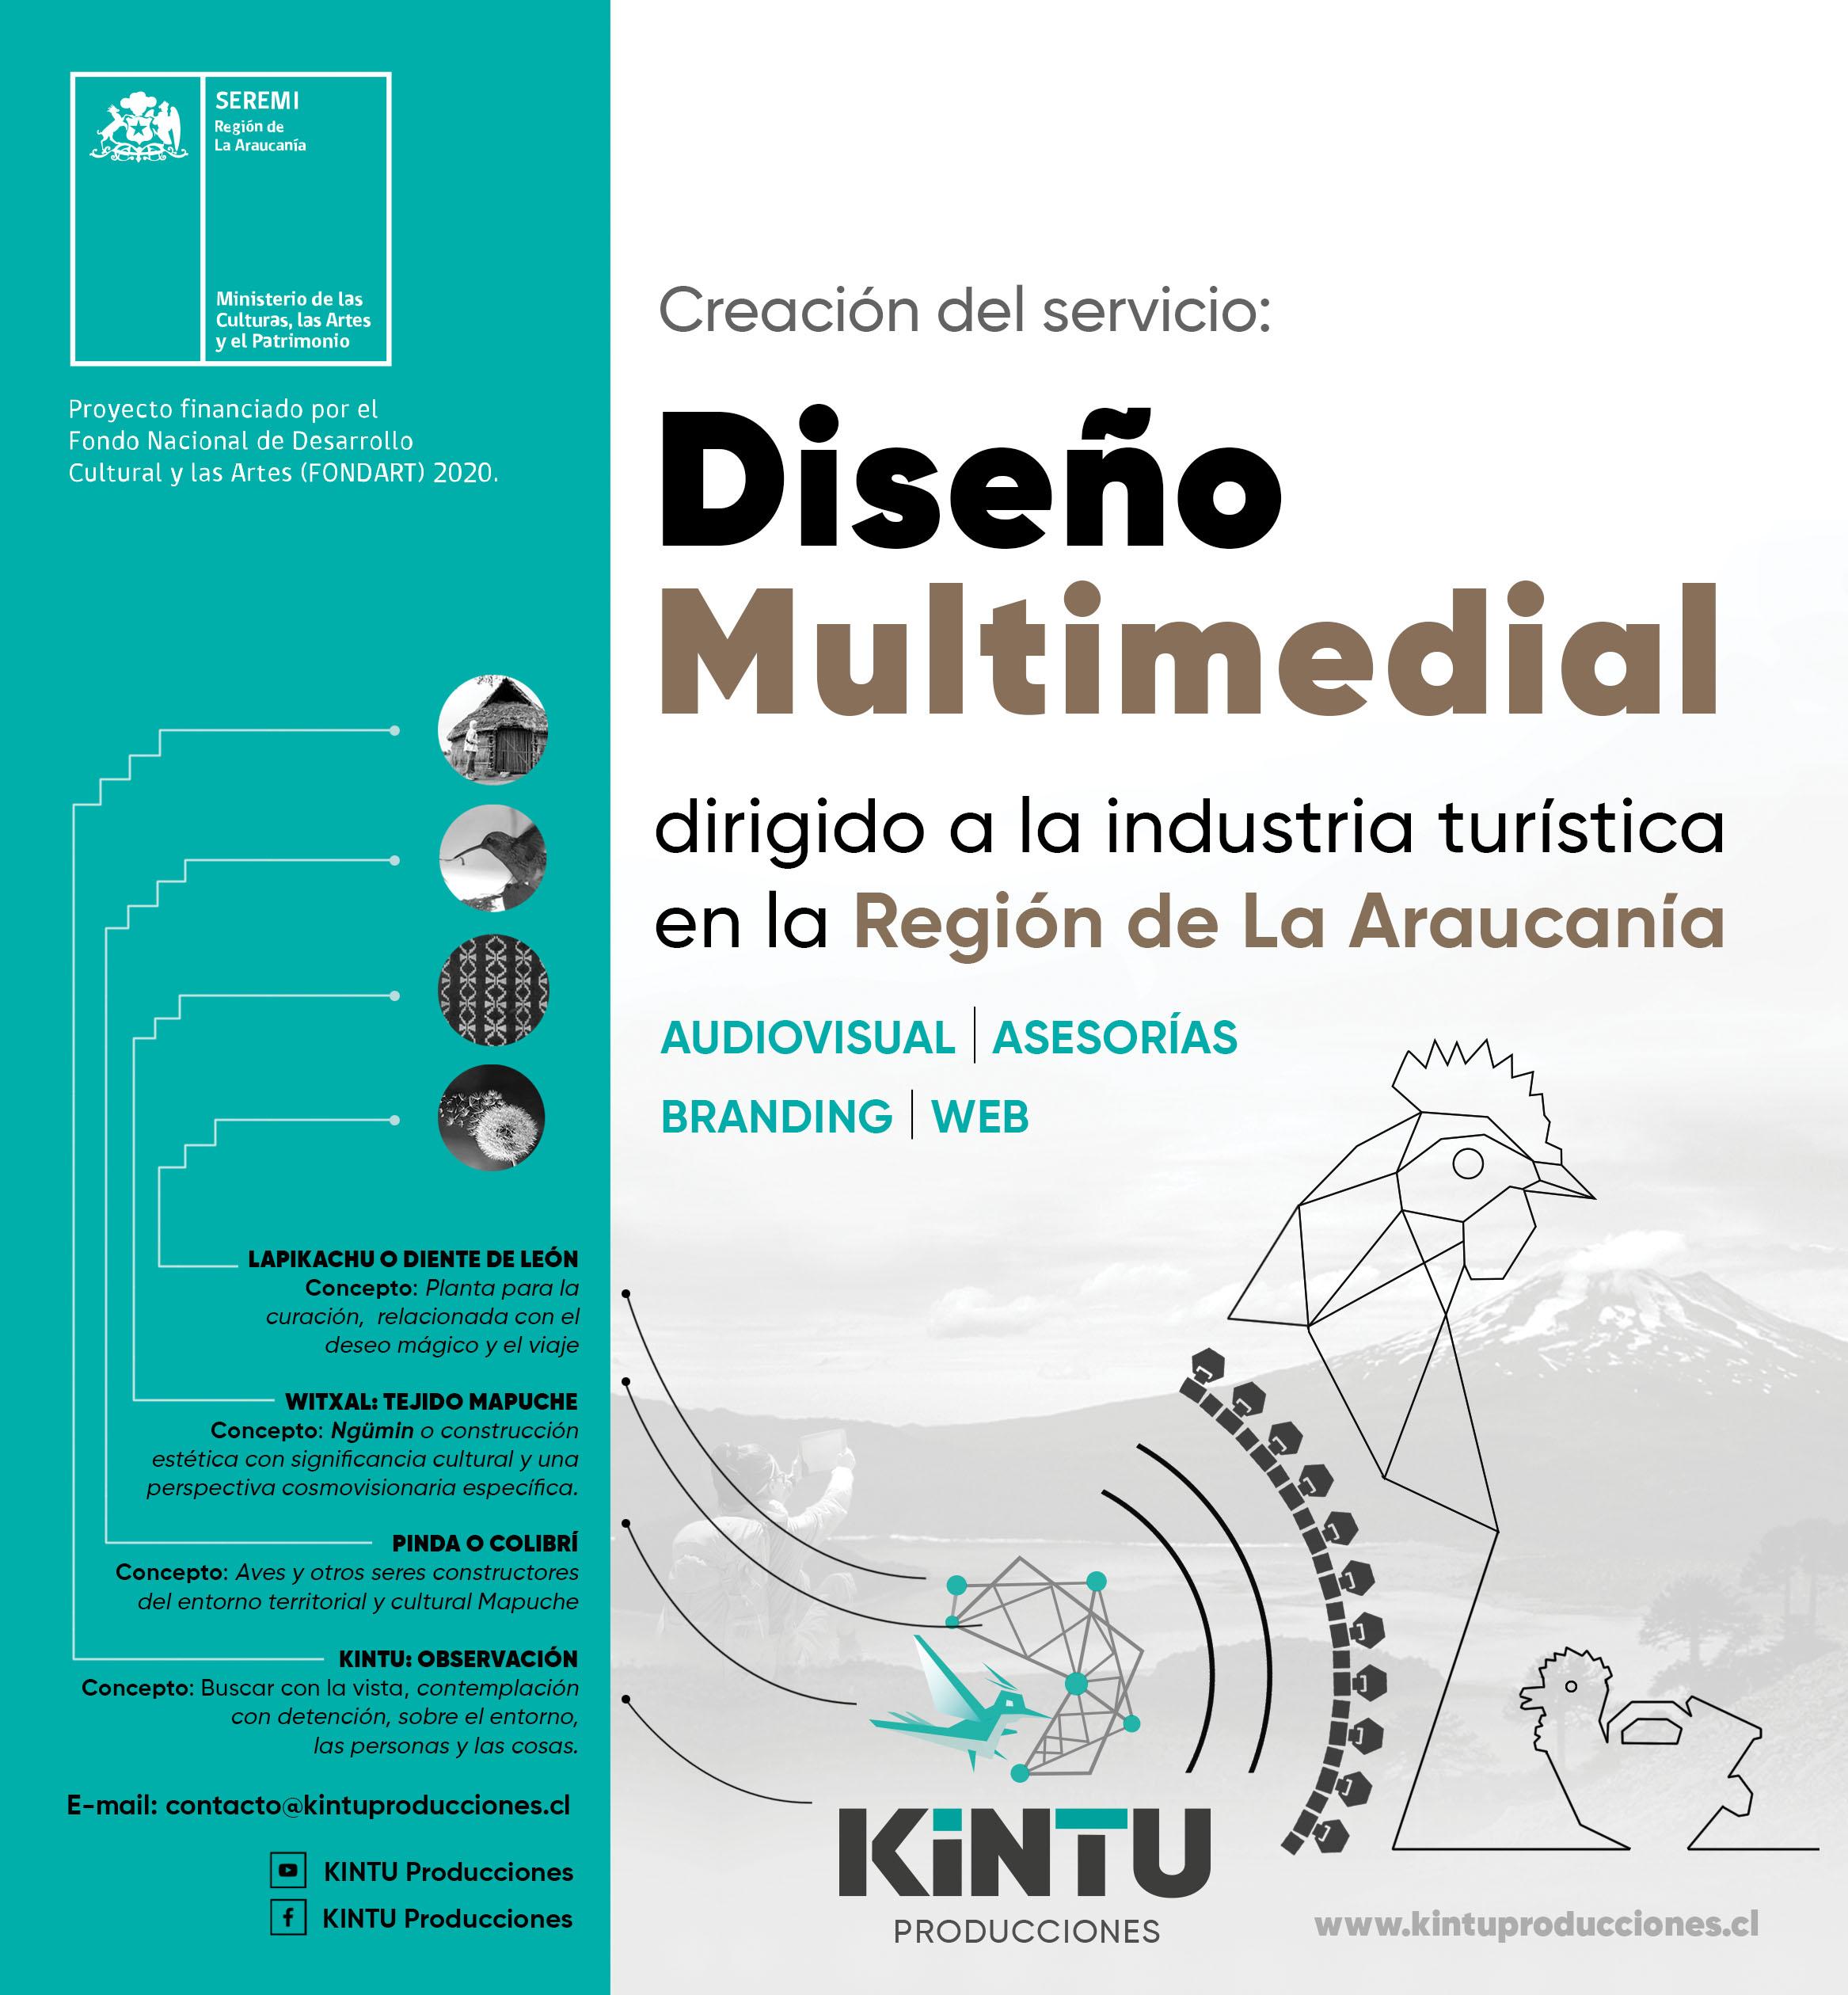 KINTU Producciones es el nombre de un nuevo servicio de diseño multimedial creado y dirigido al rubro turístico Mapuche de La Araucanía.